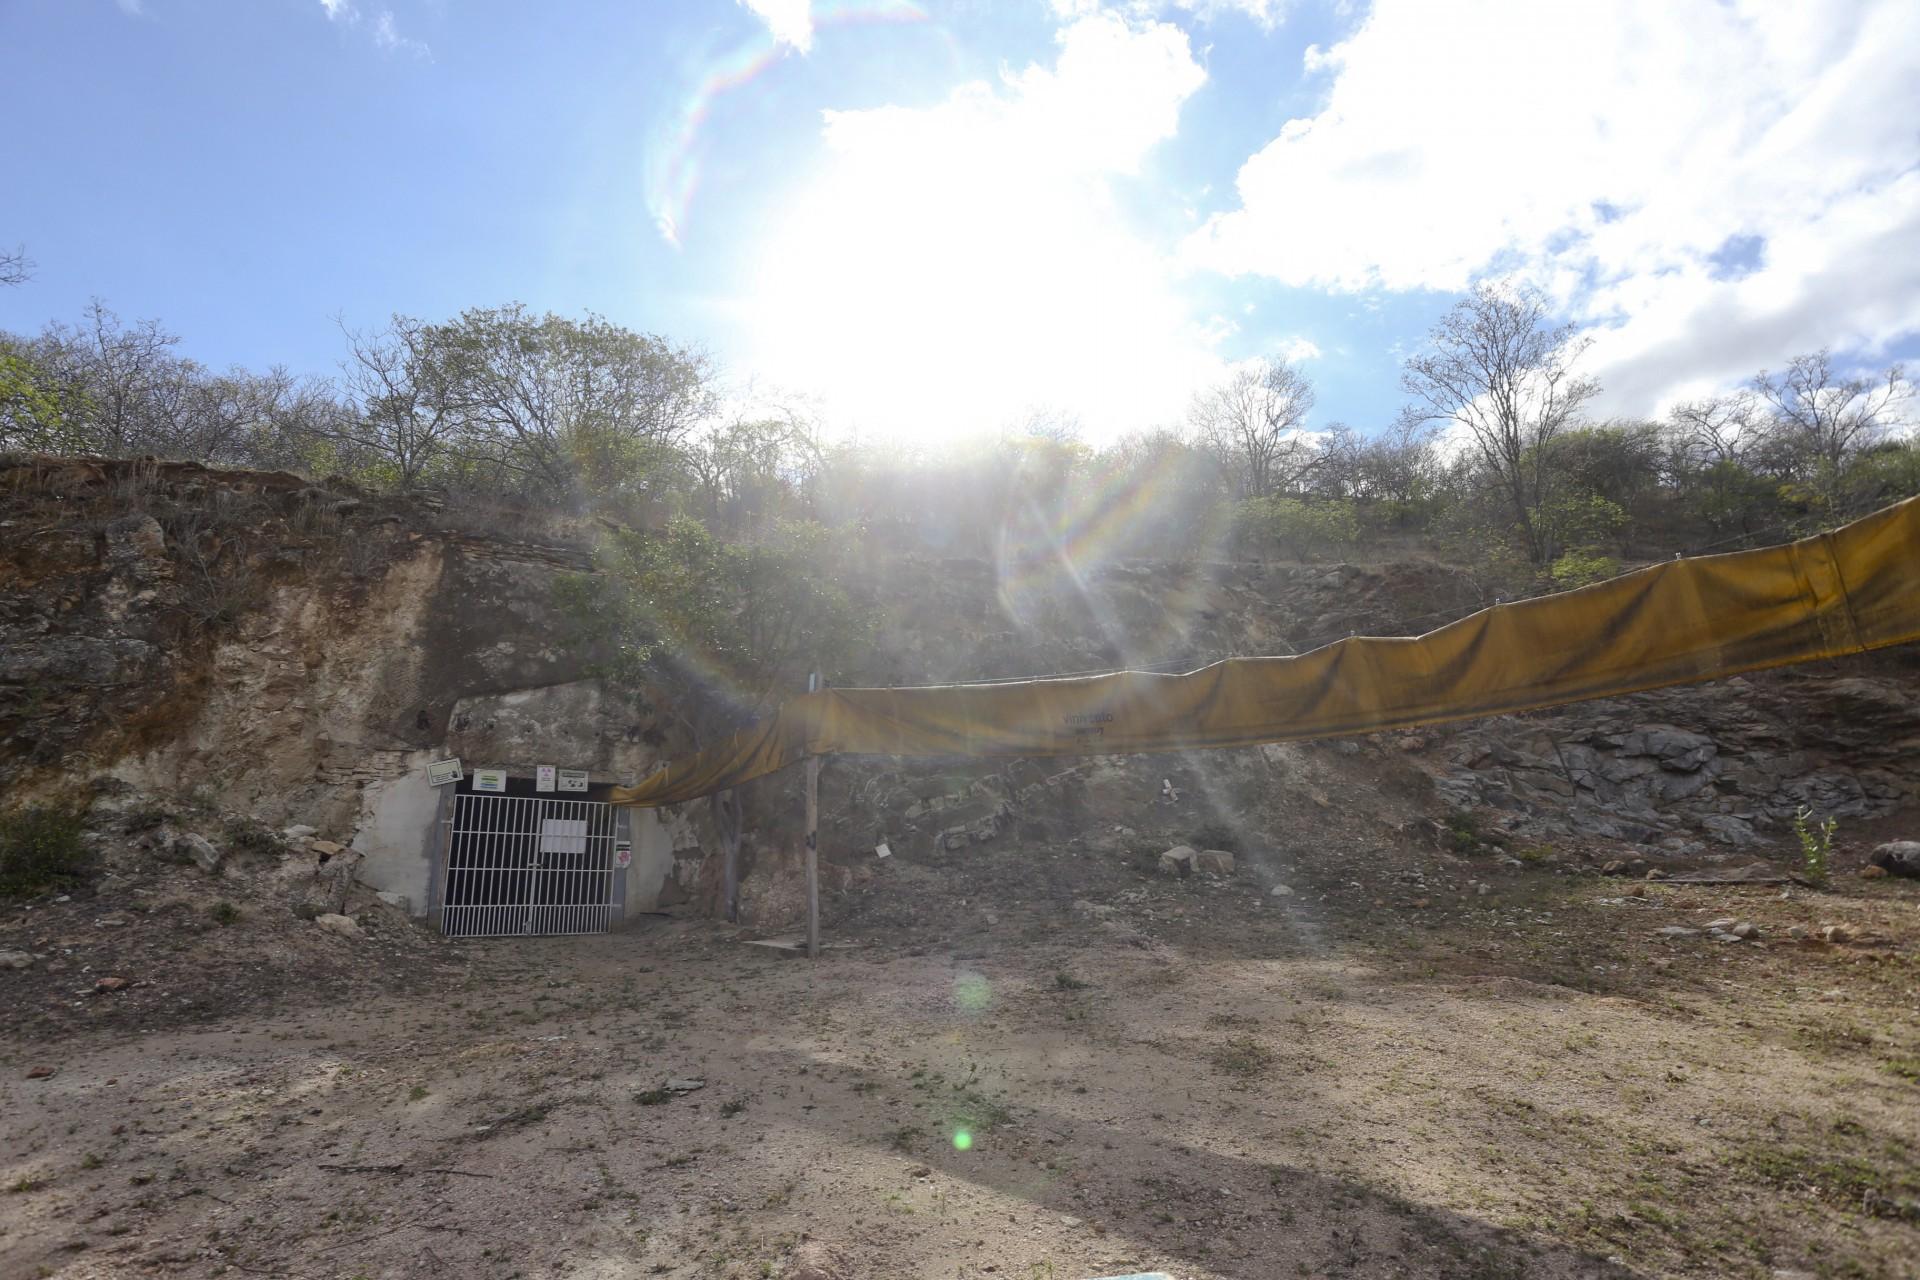 (Foto: O POVO)SANTA QUITÉRIA, CE, BRASIL, 20-07-2015: Entrada de mina de urânio e fosfato de Itataia. Mina de urânio (minério) em Santa Quitéria. (Foto: Fábio Lima/O POVO)